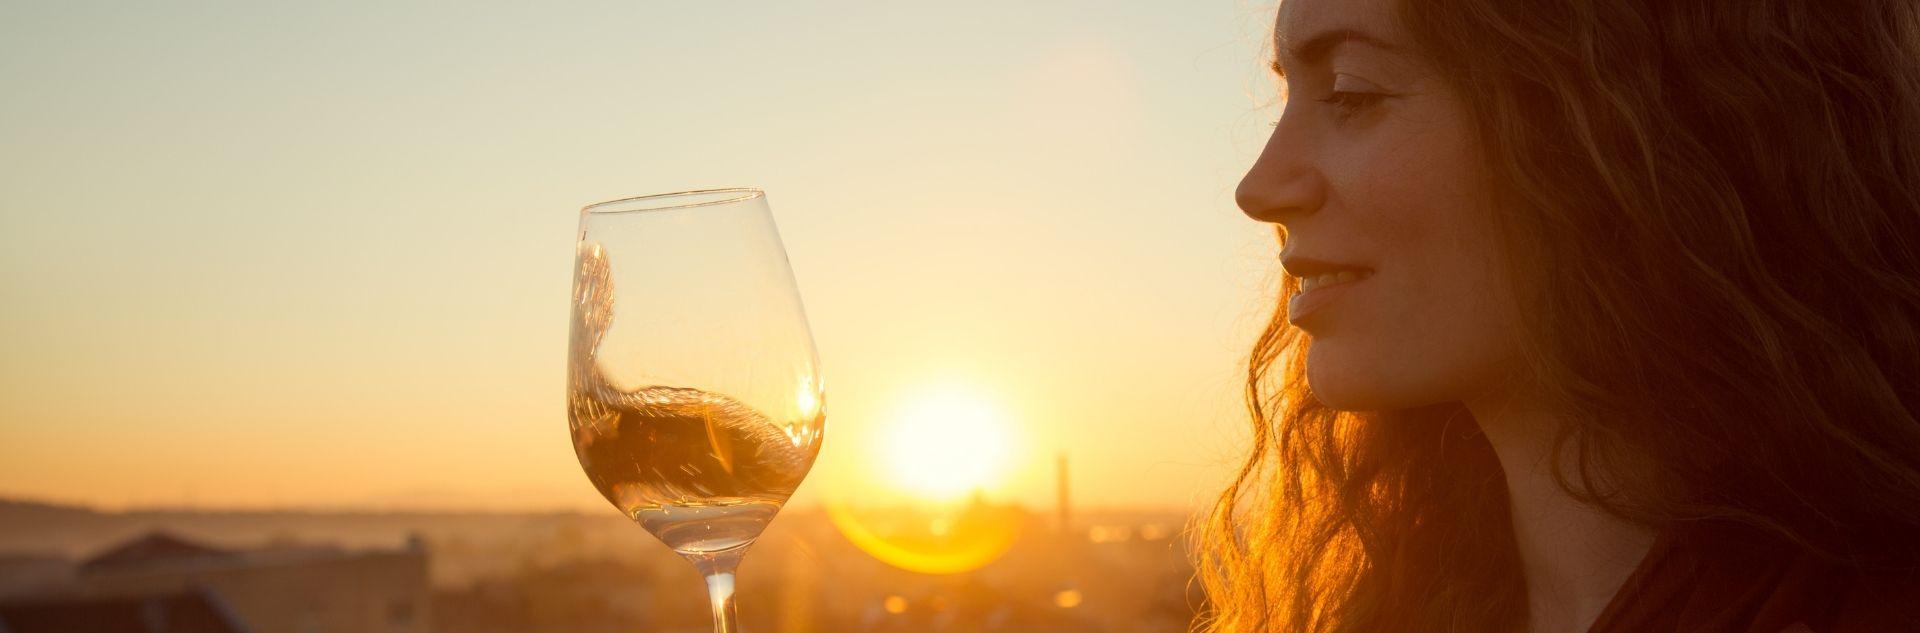 Wein im Urlaub genießen